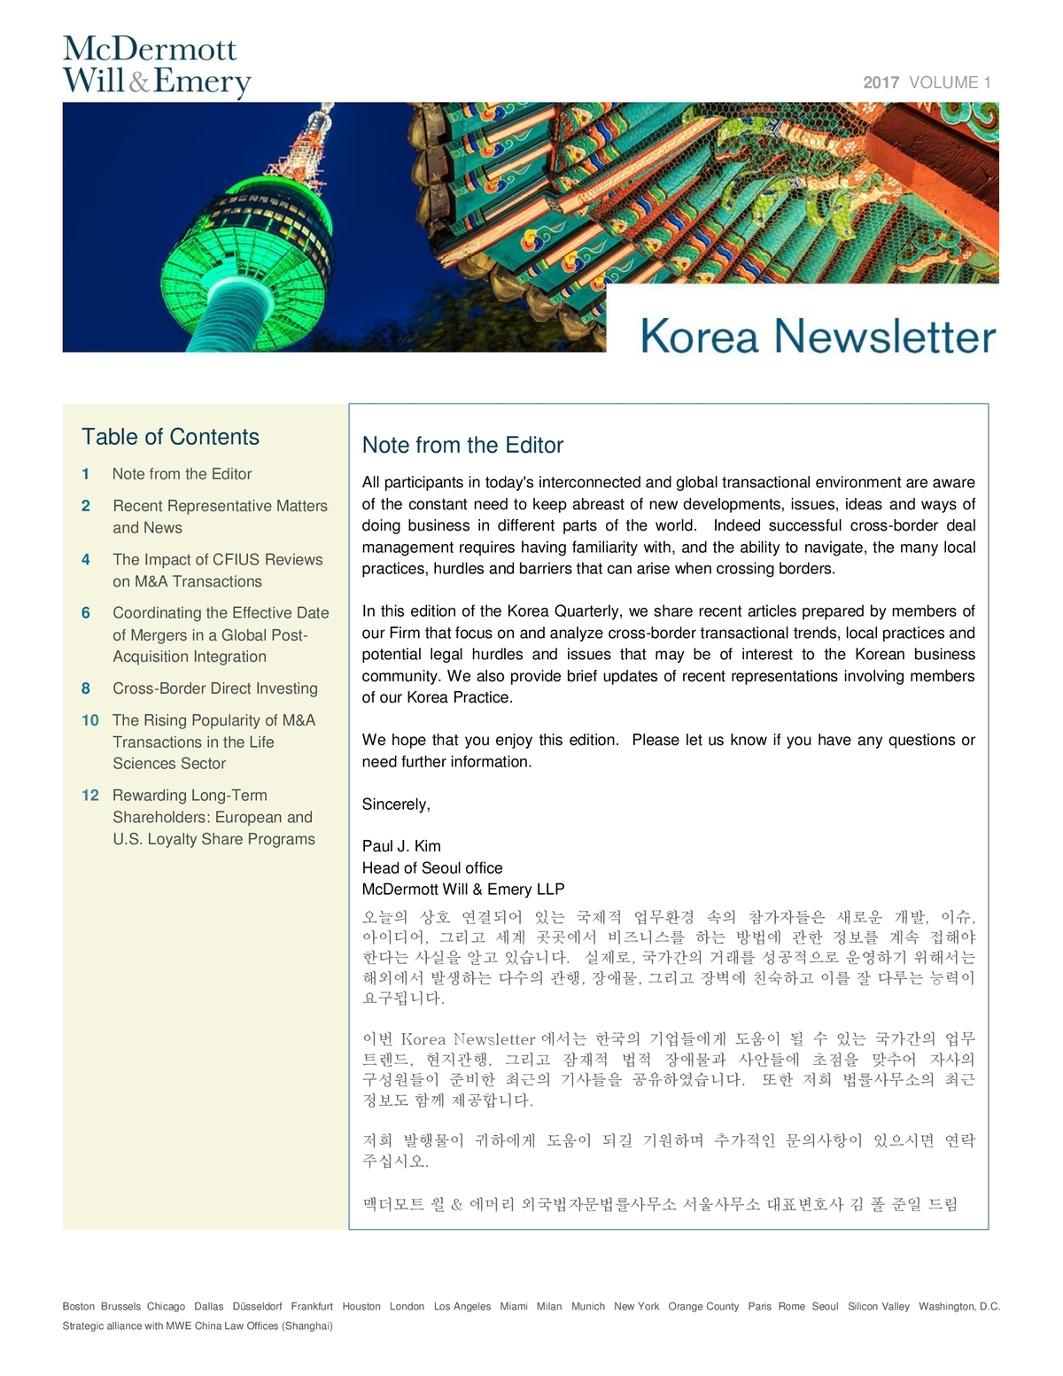 korea newsletter issue 1 2017